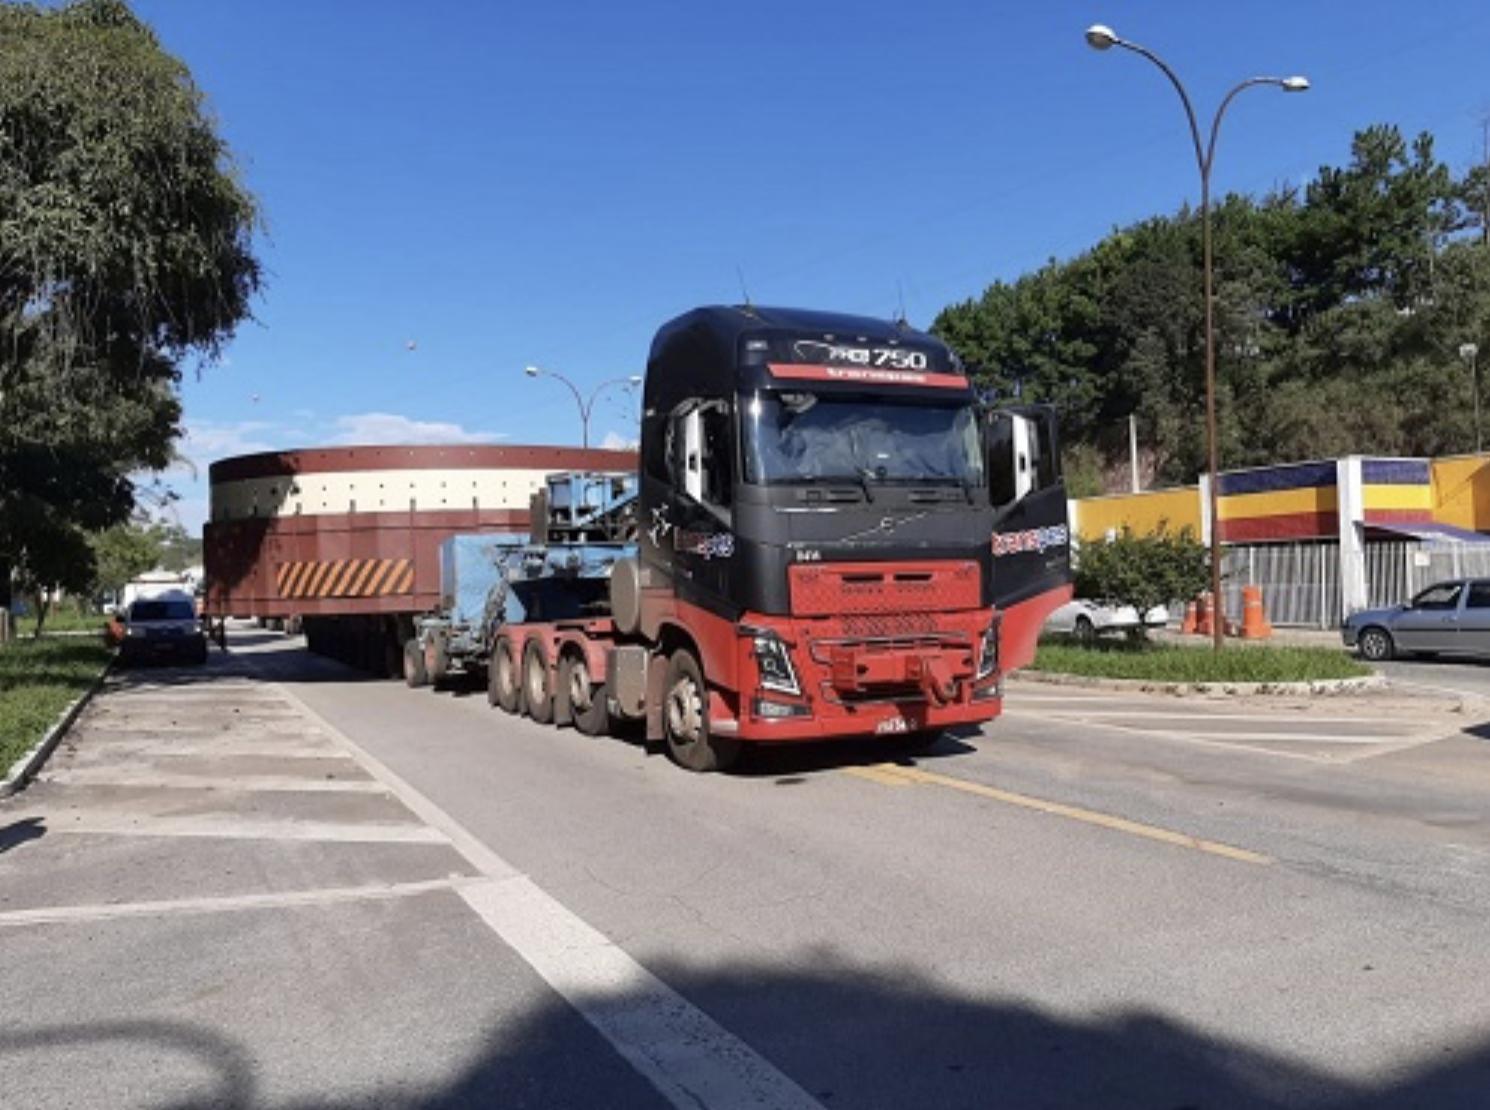 Transporte de carga provocará lentidão na BR 265 nesta quarta-feira (11)